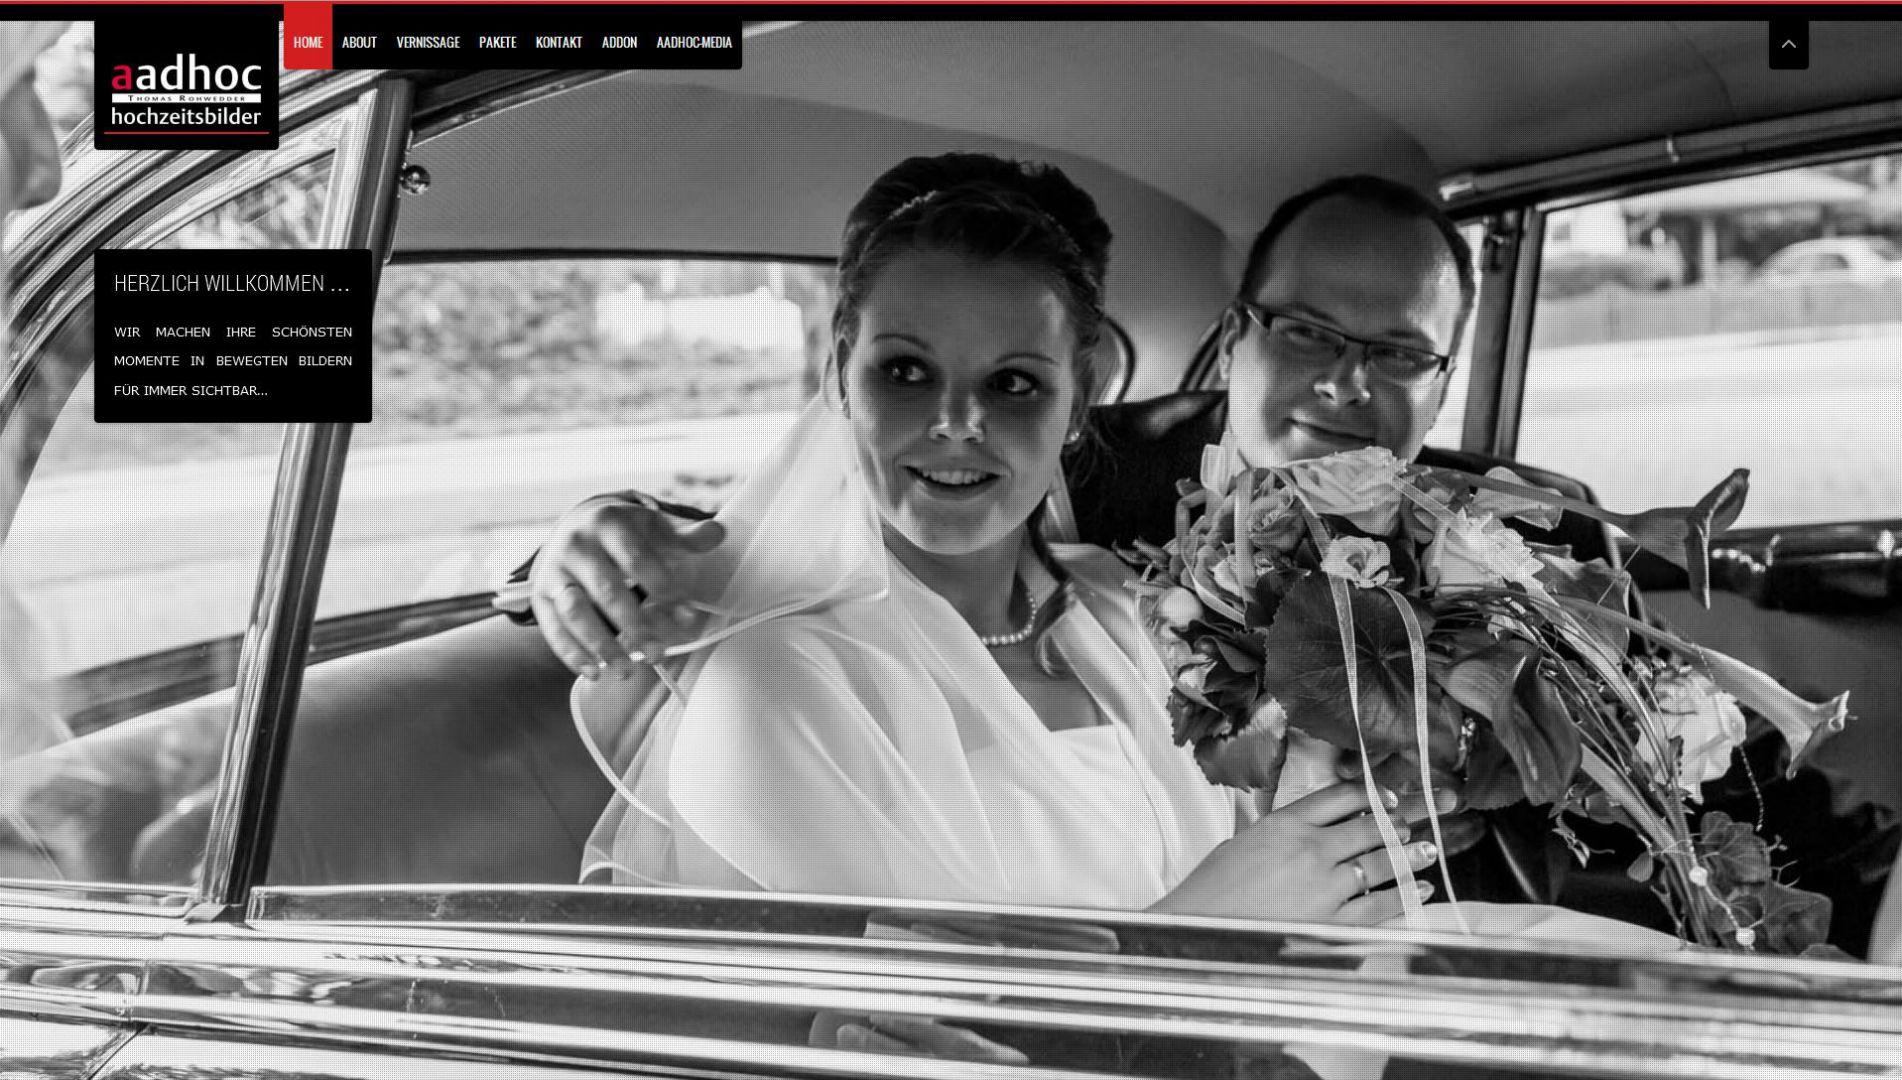 aadhoc-hochzeitsbilder • Thomas Rohwedder • Hochzeitsfotograf